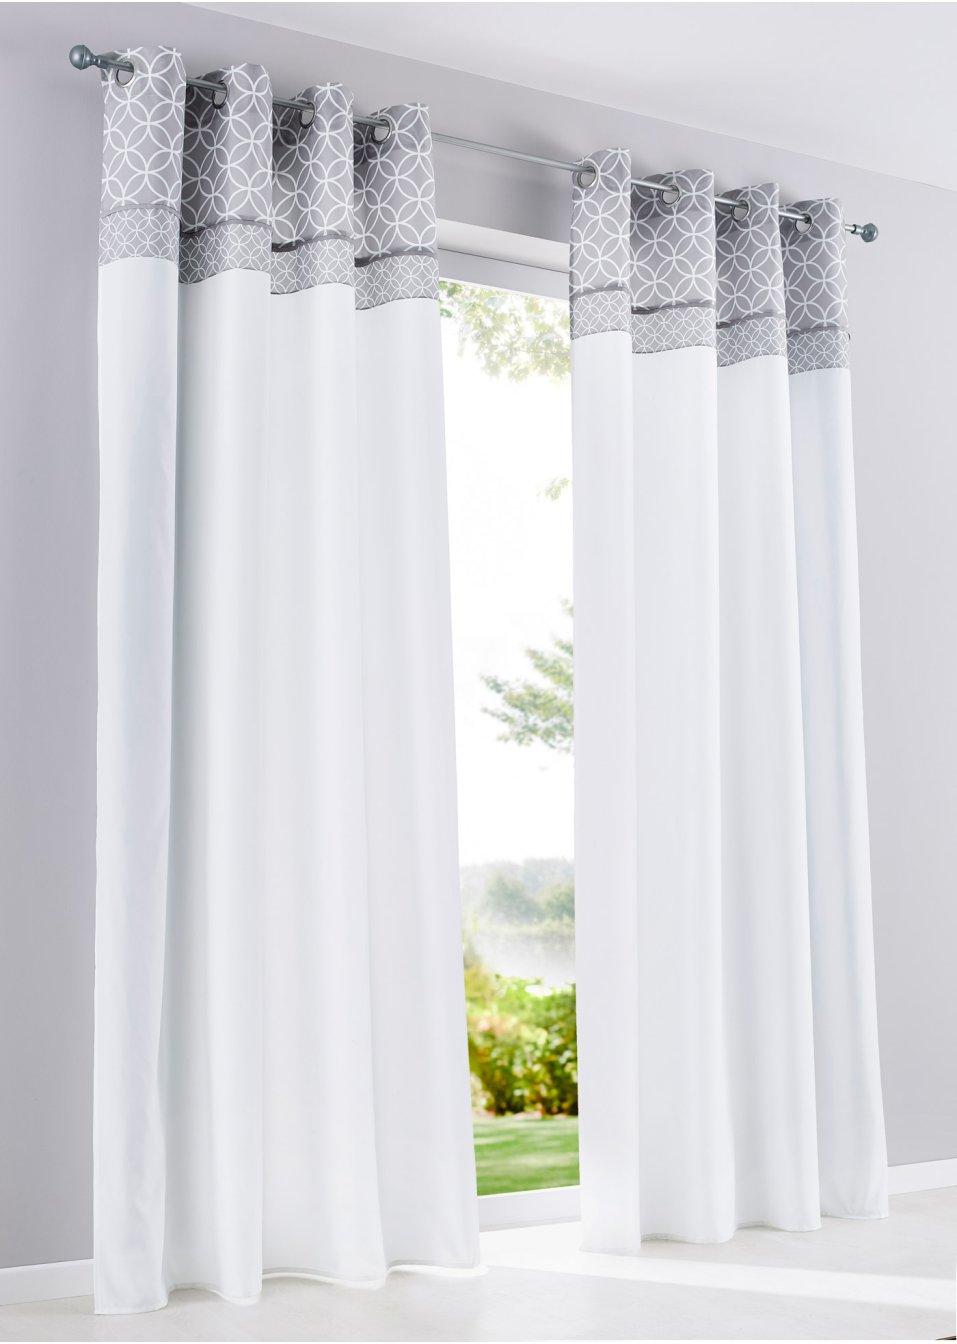 Vorhang davina 1er pack weiss grau bpc living online - Bonprix vorhang ...